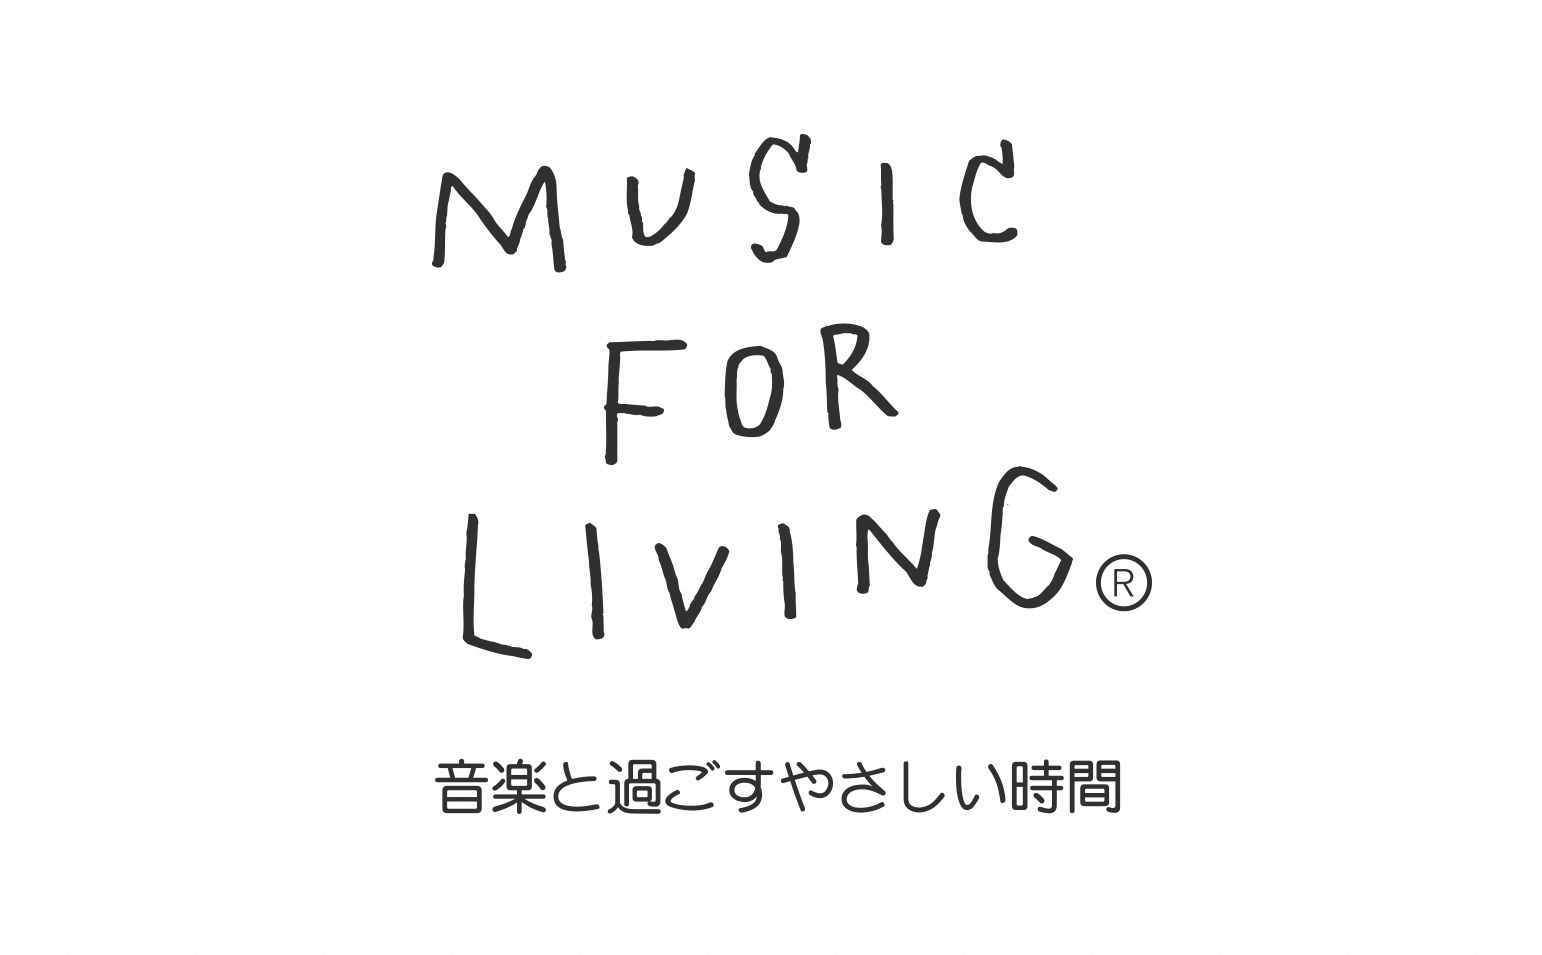 「MUSIC FOR LIVING(ミュージック・フォ・リビング)」のコンセプトとは?